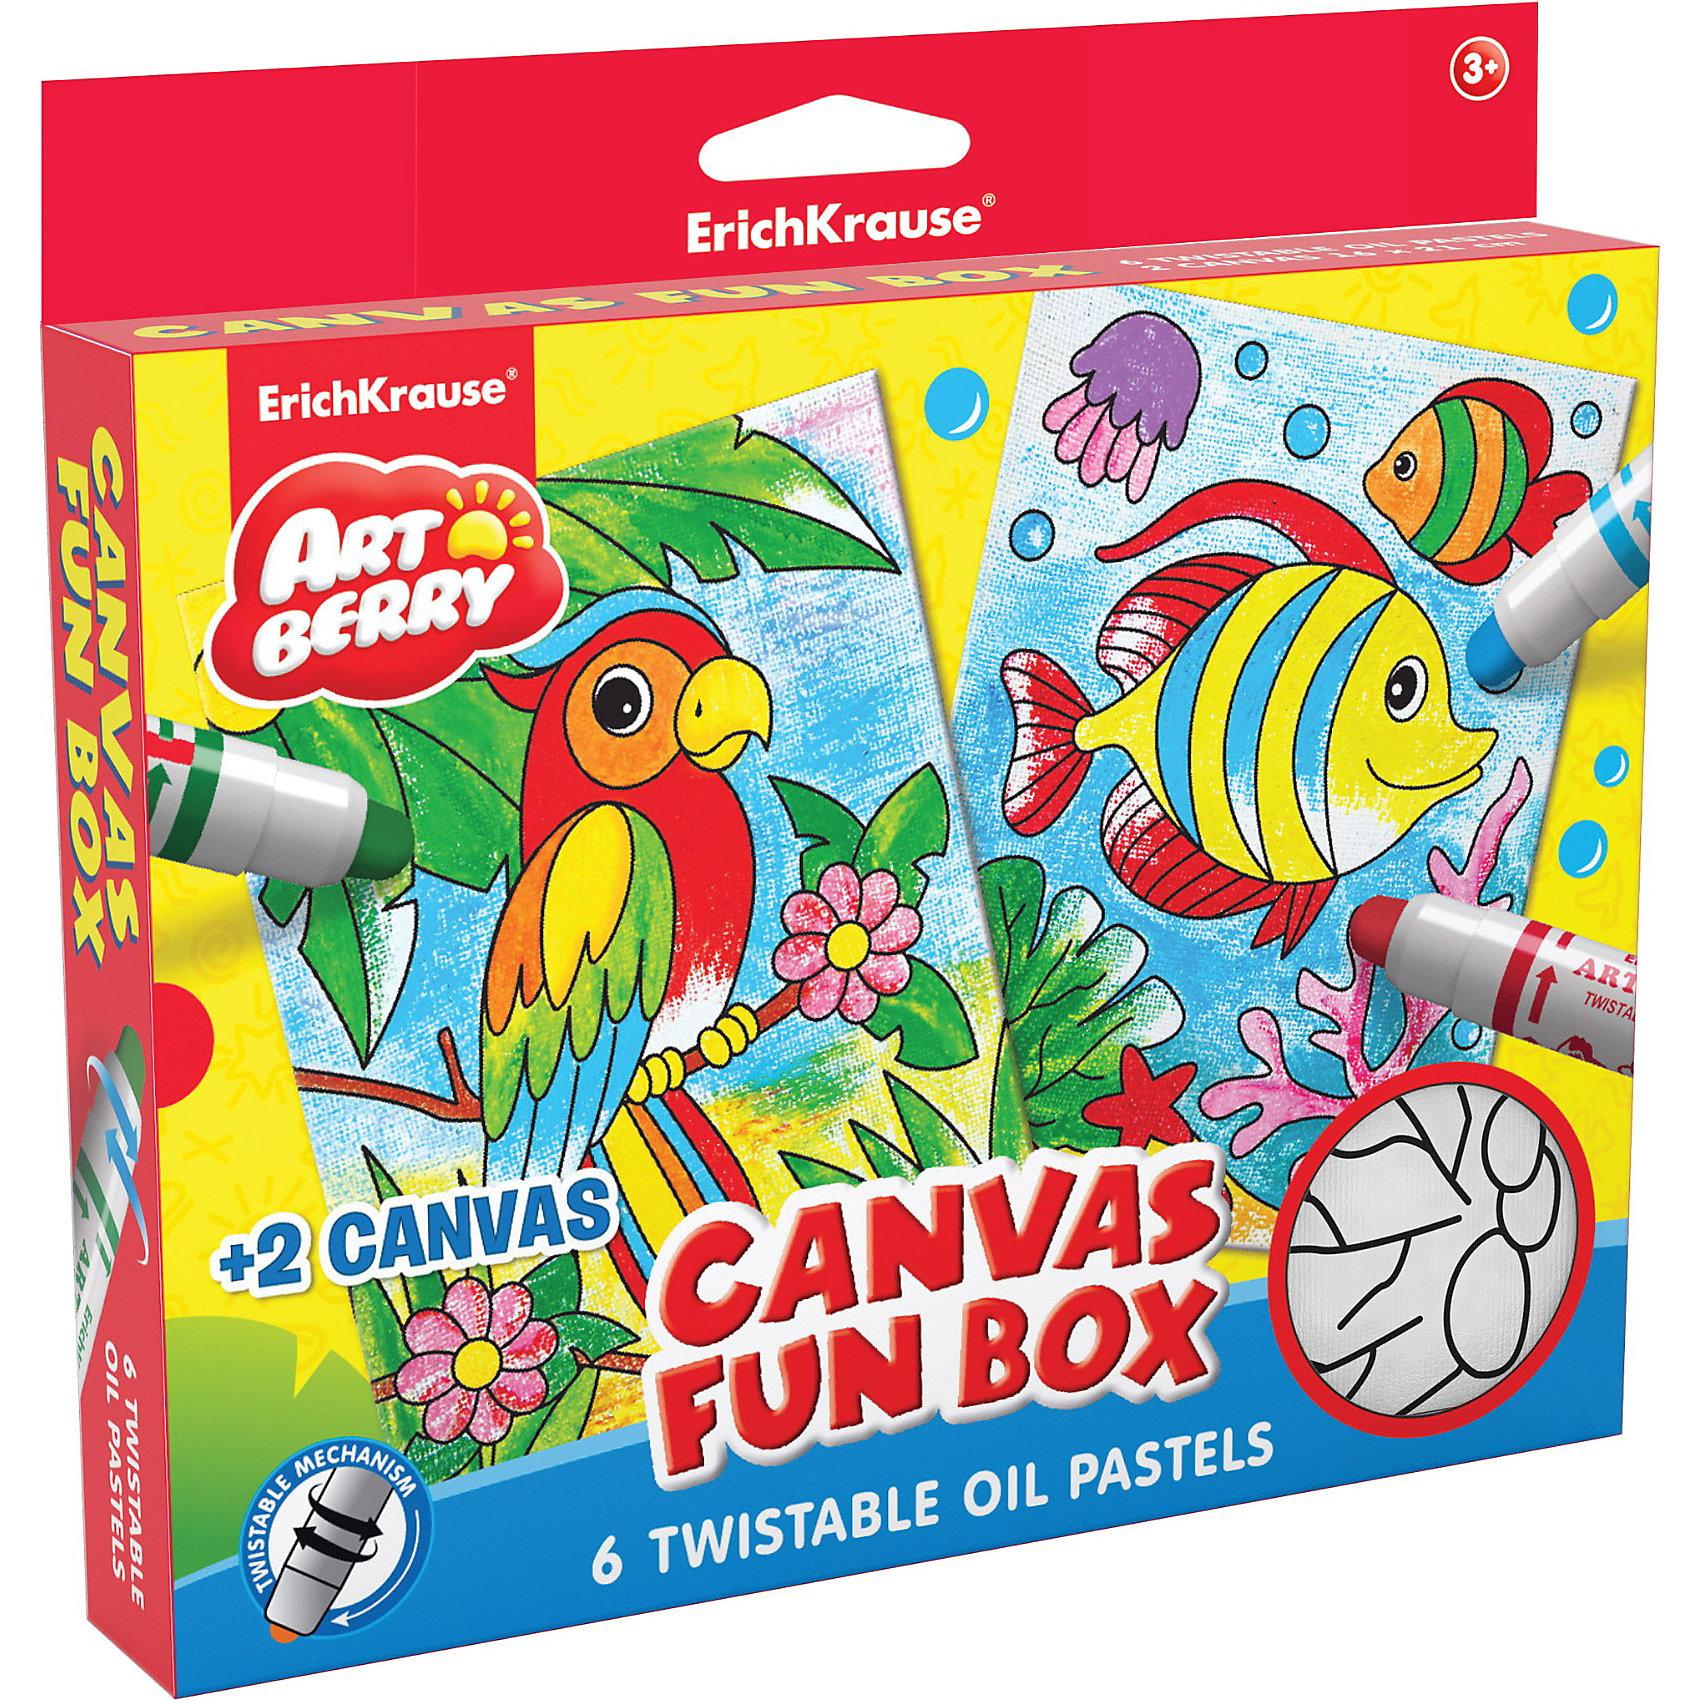 Набор для творчества Canvas Fun box ArtberryНабор для творчества Canvas Fun box Artberry от Erich Krause (Эрих Краузе) позволит создавать красивые рисунки на холсте. В комплекте имеется 2 холста для раскрашивания с нанесенными черно-белыми контурами рыбки и попугая и масляная пастель 6 цветов в виде больших карандашей. Для того, чтобы начать рисовать, нужно лишь покрутить колпачок карандаша с пастелью. <br><br>Дополнительная информация:<br><br>- размеры холста  16х21 см<br>- подходит для разных техник рисования<br>- краски отстирываются с большинства тканей и бытовых поверхностей<br><br>Набор для творчества Canvas Fun box Artberry можно купить в нашем магазине.<br><br>Ширина мм: 225<br>Глубина мм: 205<br>Высота мм: 35<br>Вес г: 300<br>Возраст от месяцев: 36<br>Возраст до месяцев: 96<br>Пол: Унисекс<br>Возраст: Детский<br>SKU: 3525239